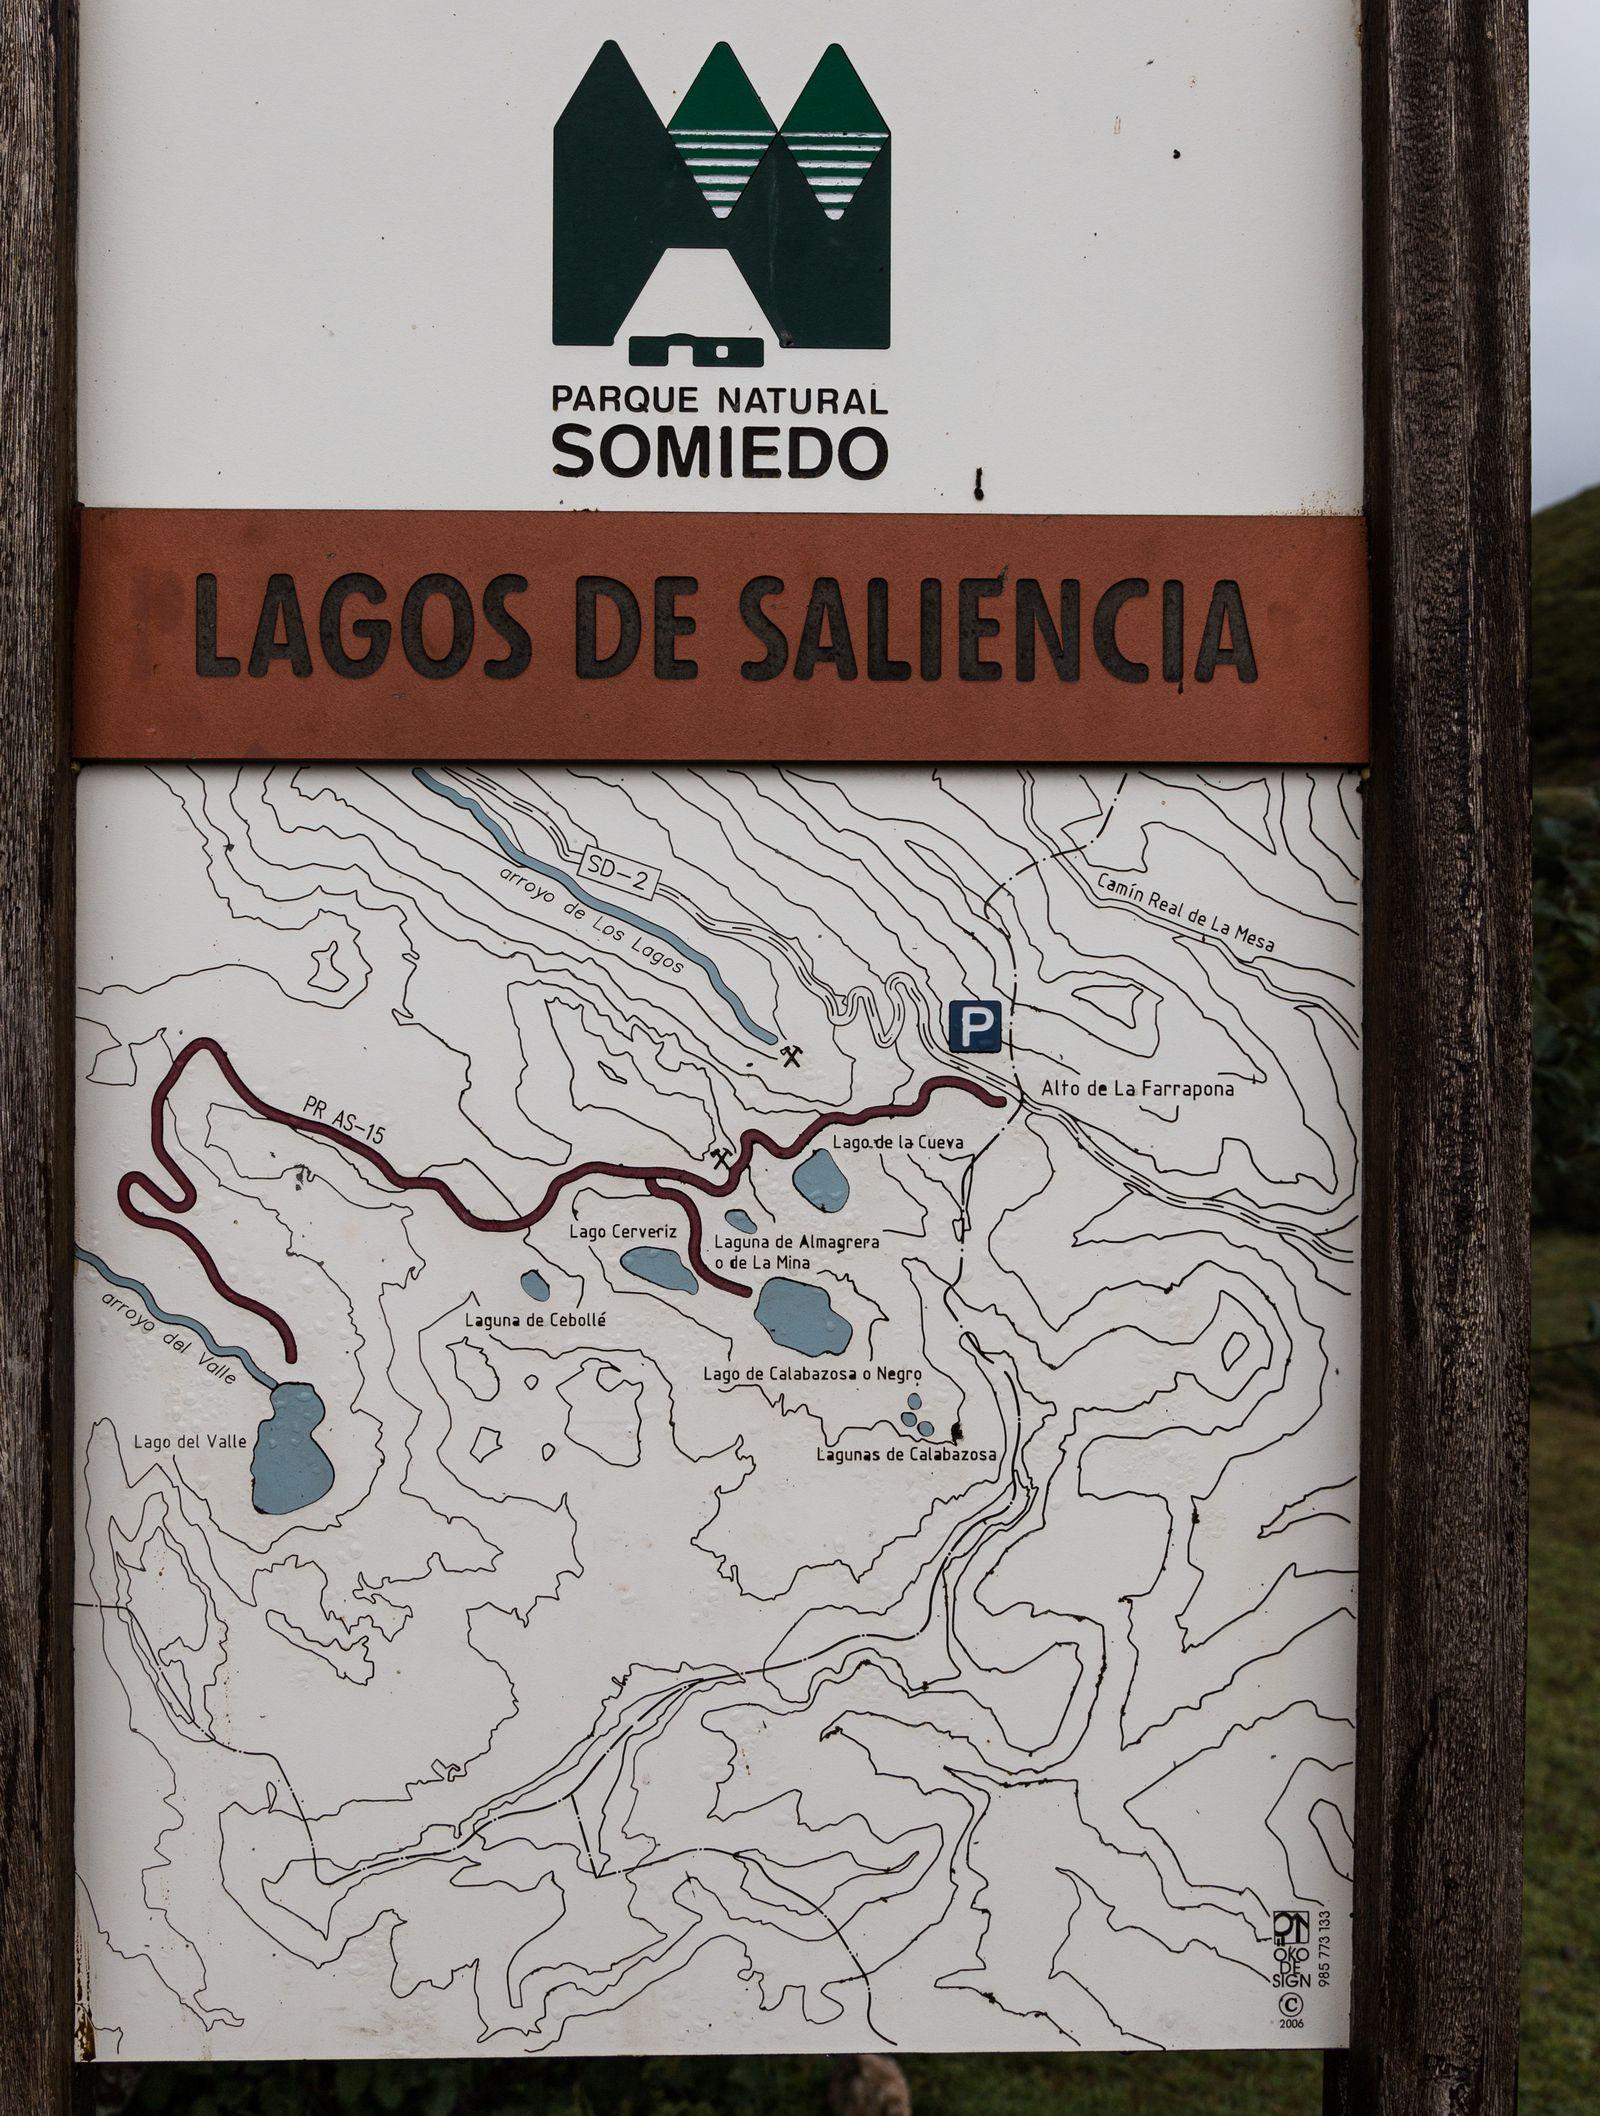 La ruta que incluye nuestra excursión para hoy